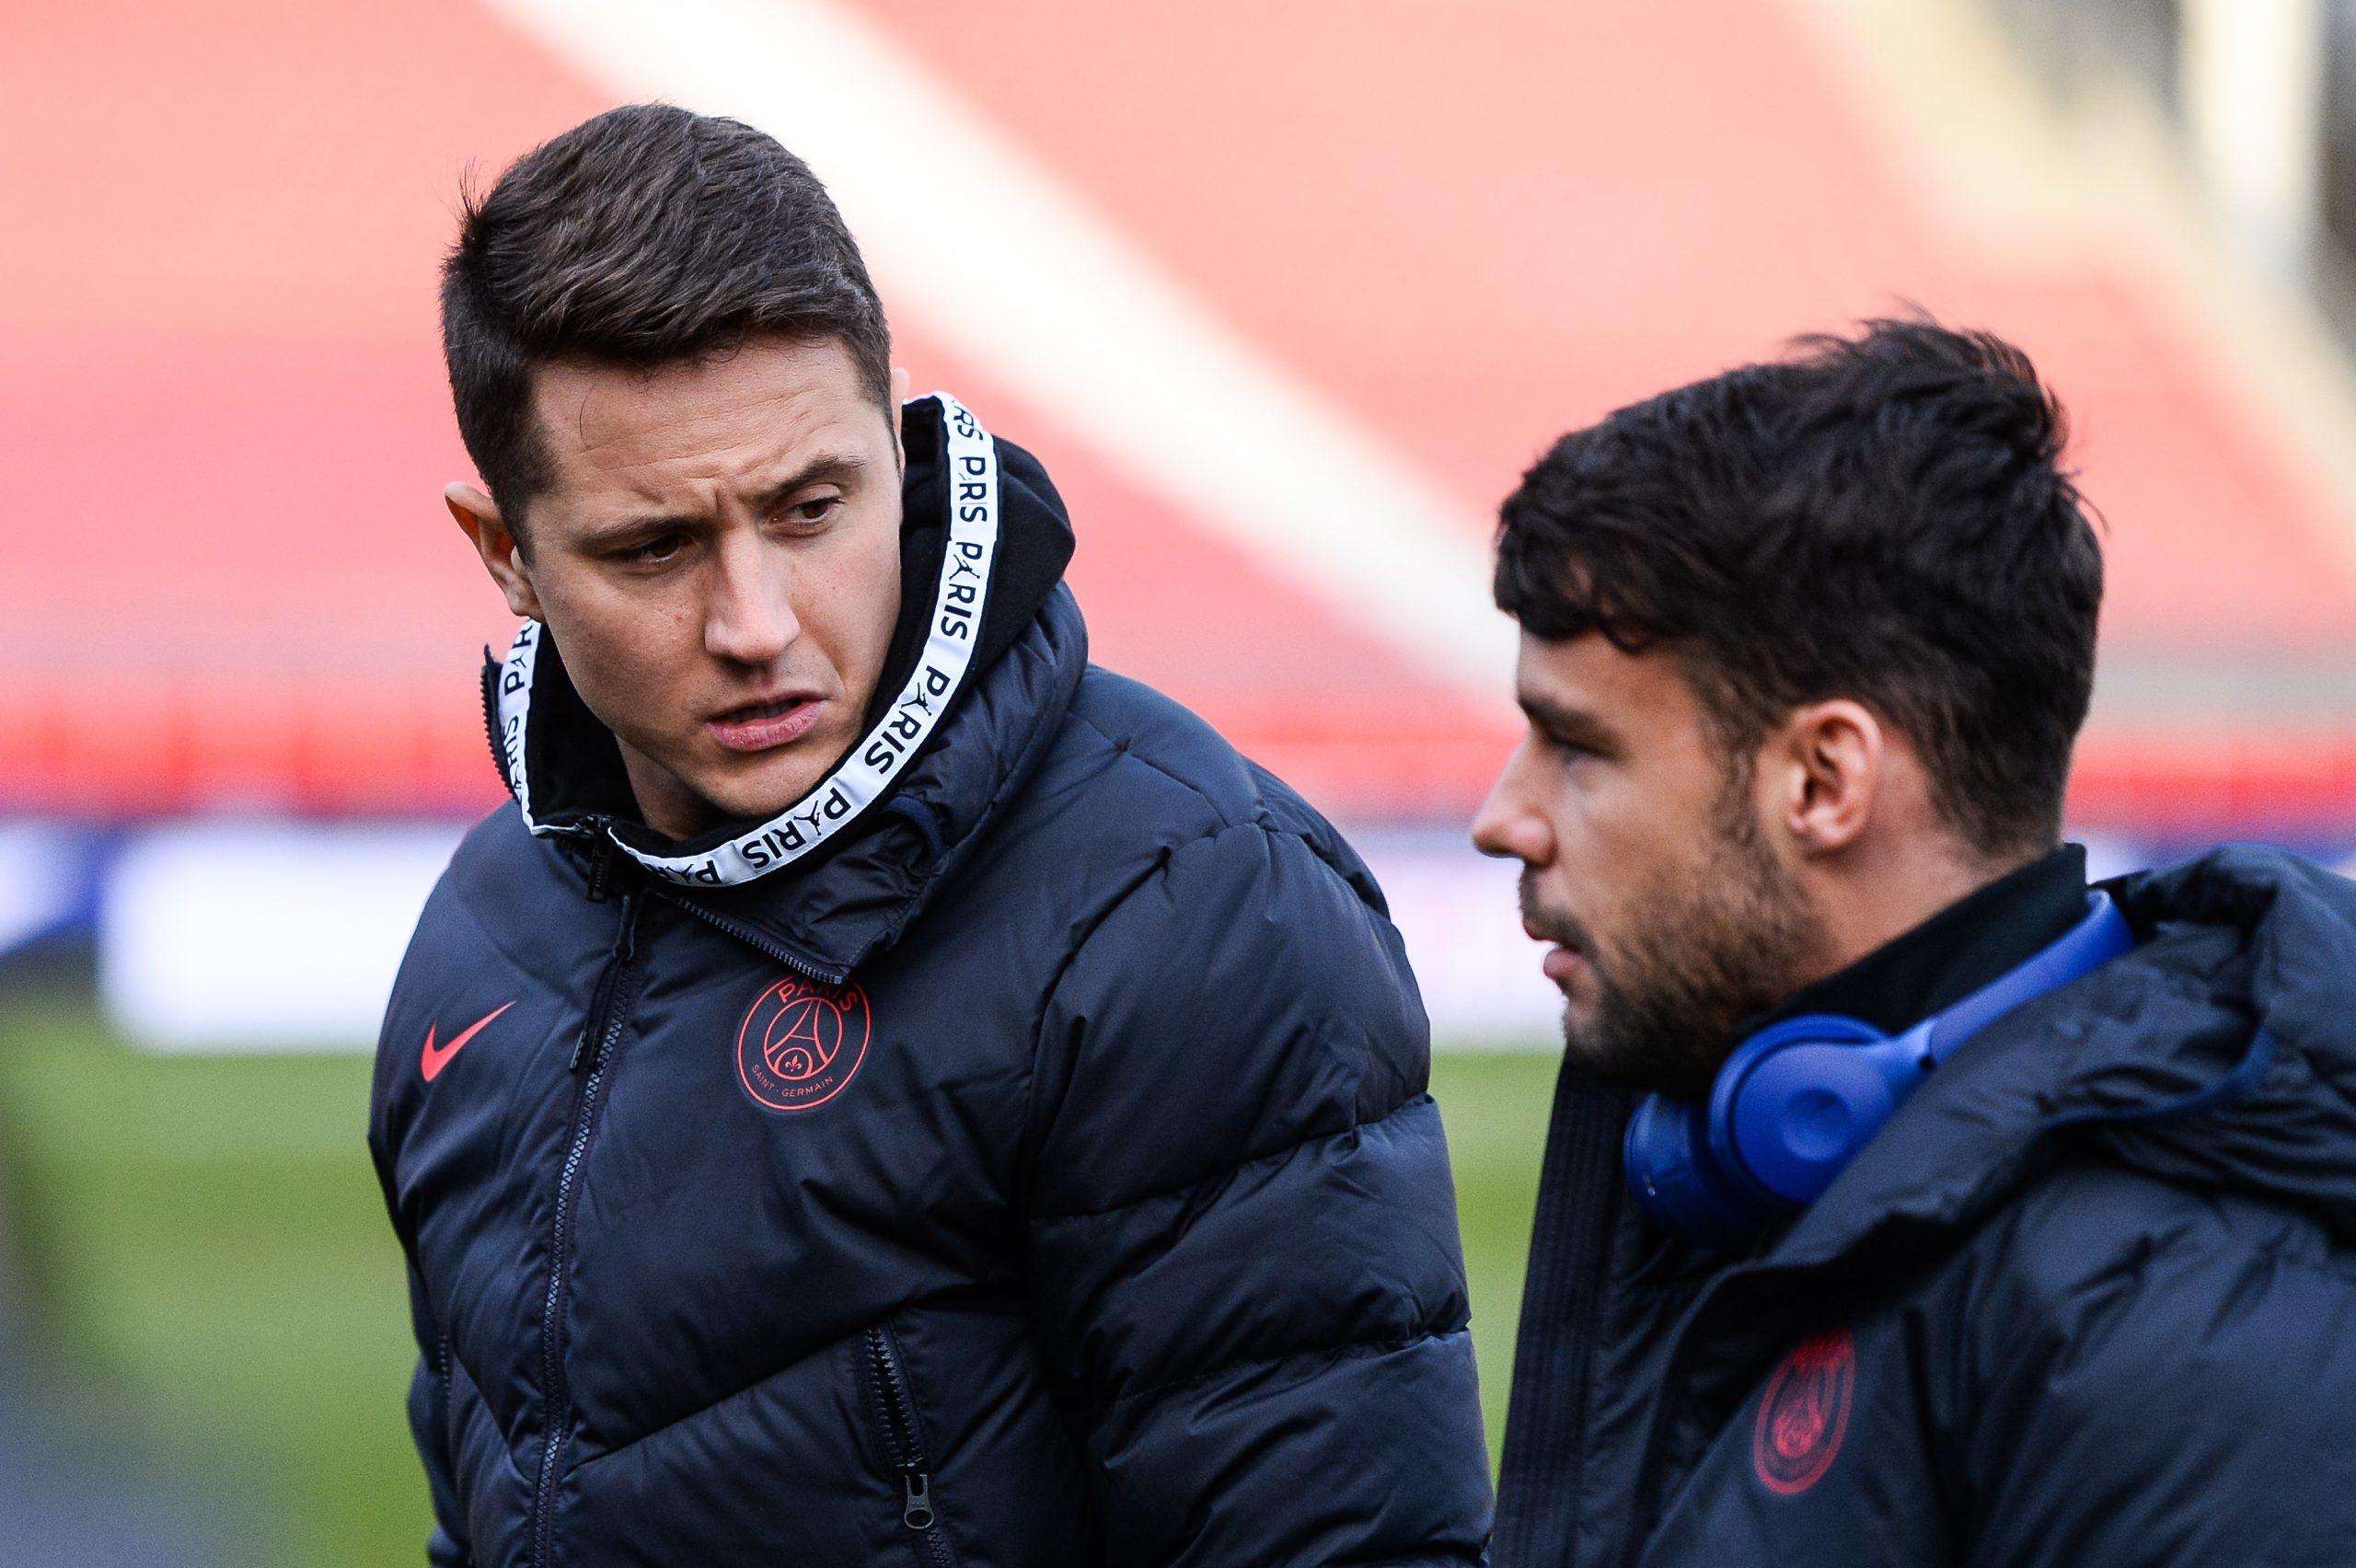 Herrera évoque des matchs amicaux contre les clubs français pour préparer la Ligue des Champions